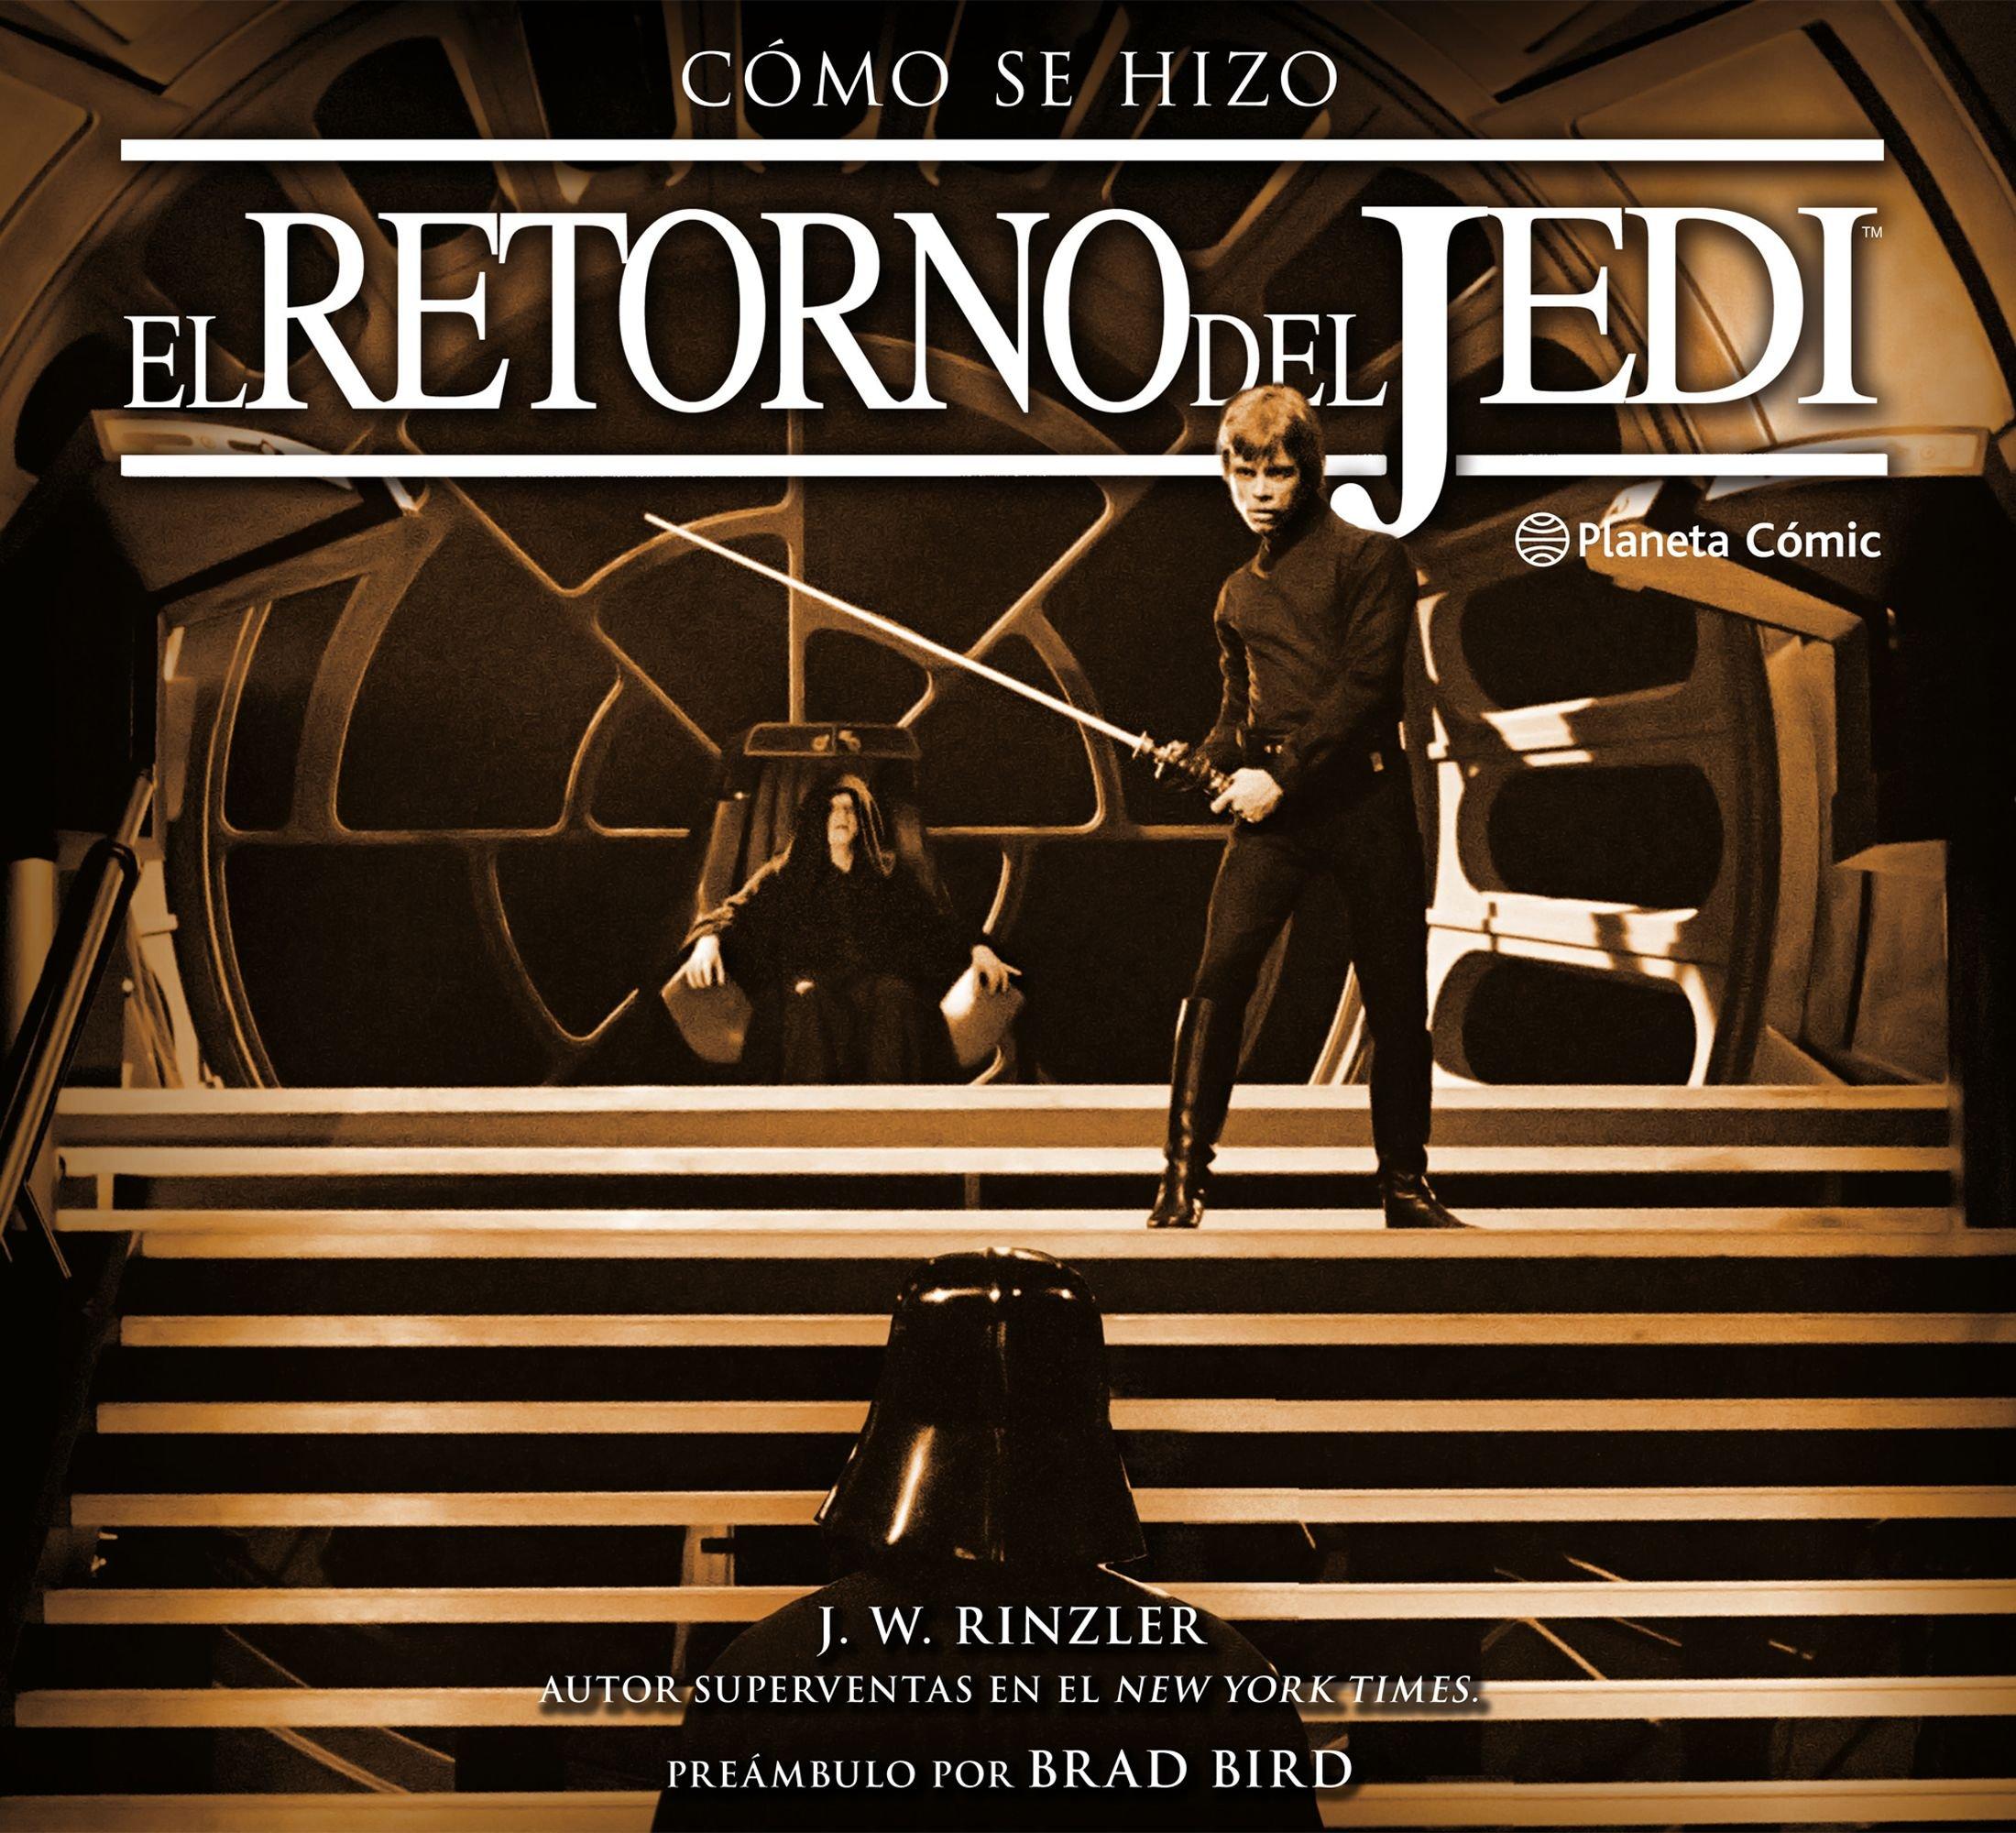 Cómo se hizo Episodio VI El retorno del Jedi (Star Wars: Guías Ilustradas) Tapa dura – 27 nov 2018 Jonathan W. Rinzler Ignacio Bentz Planeta DeAgostini Cómics 8491461647